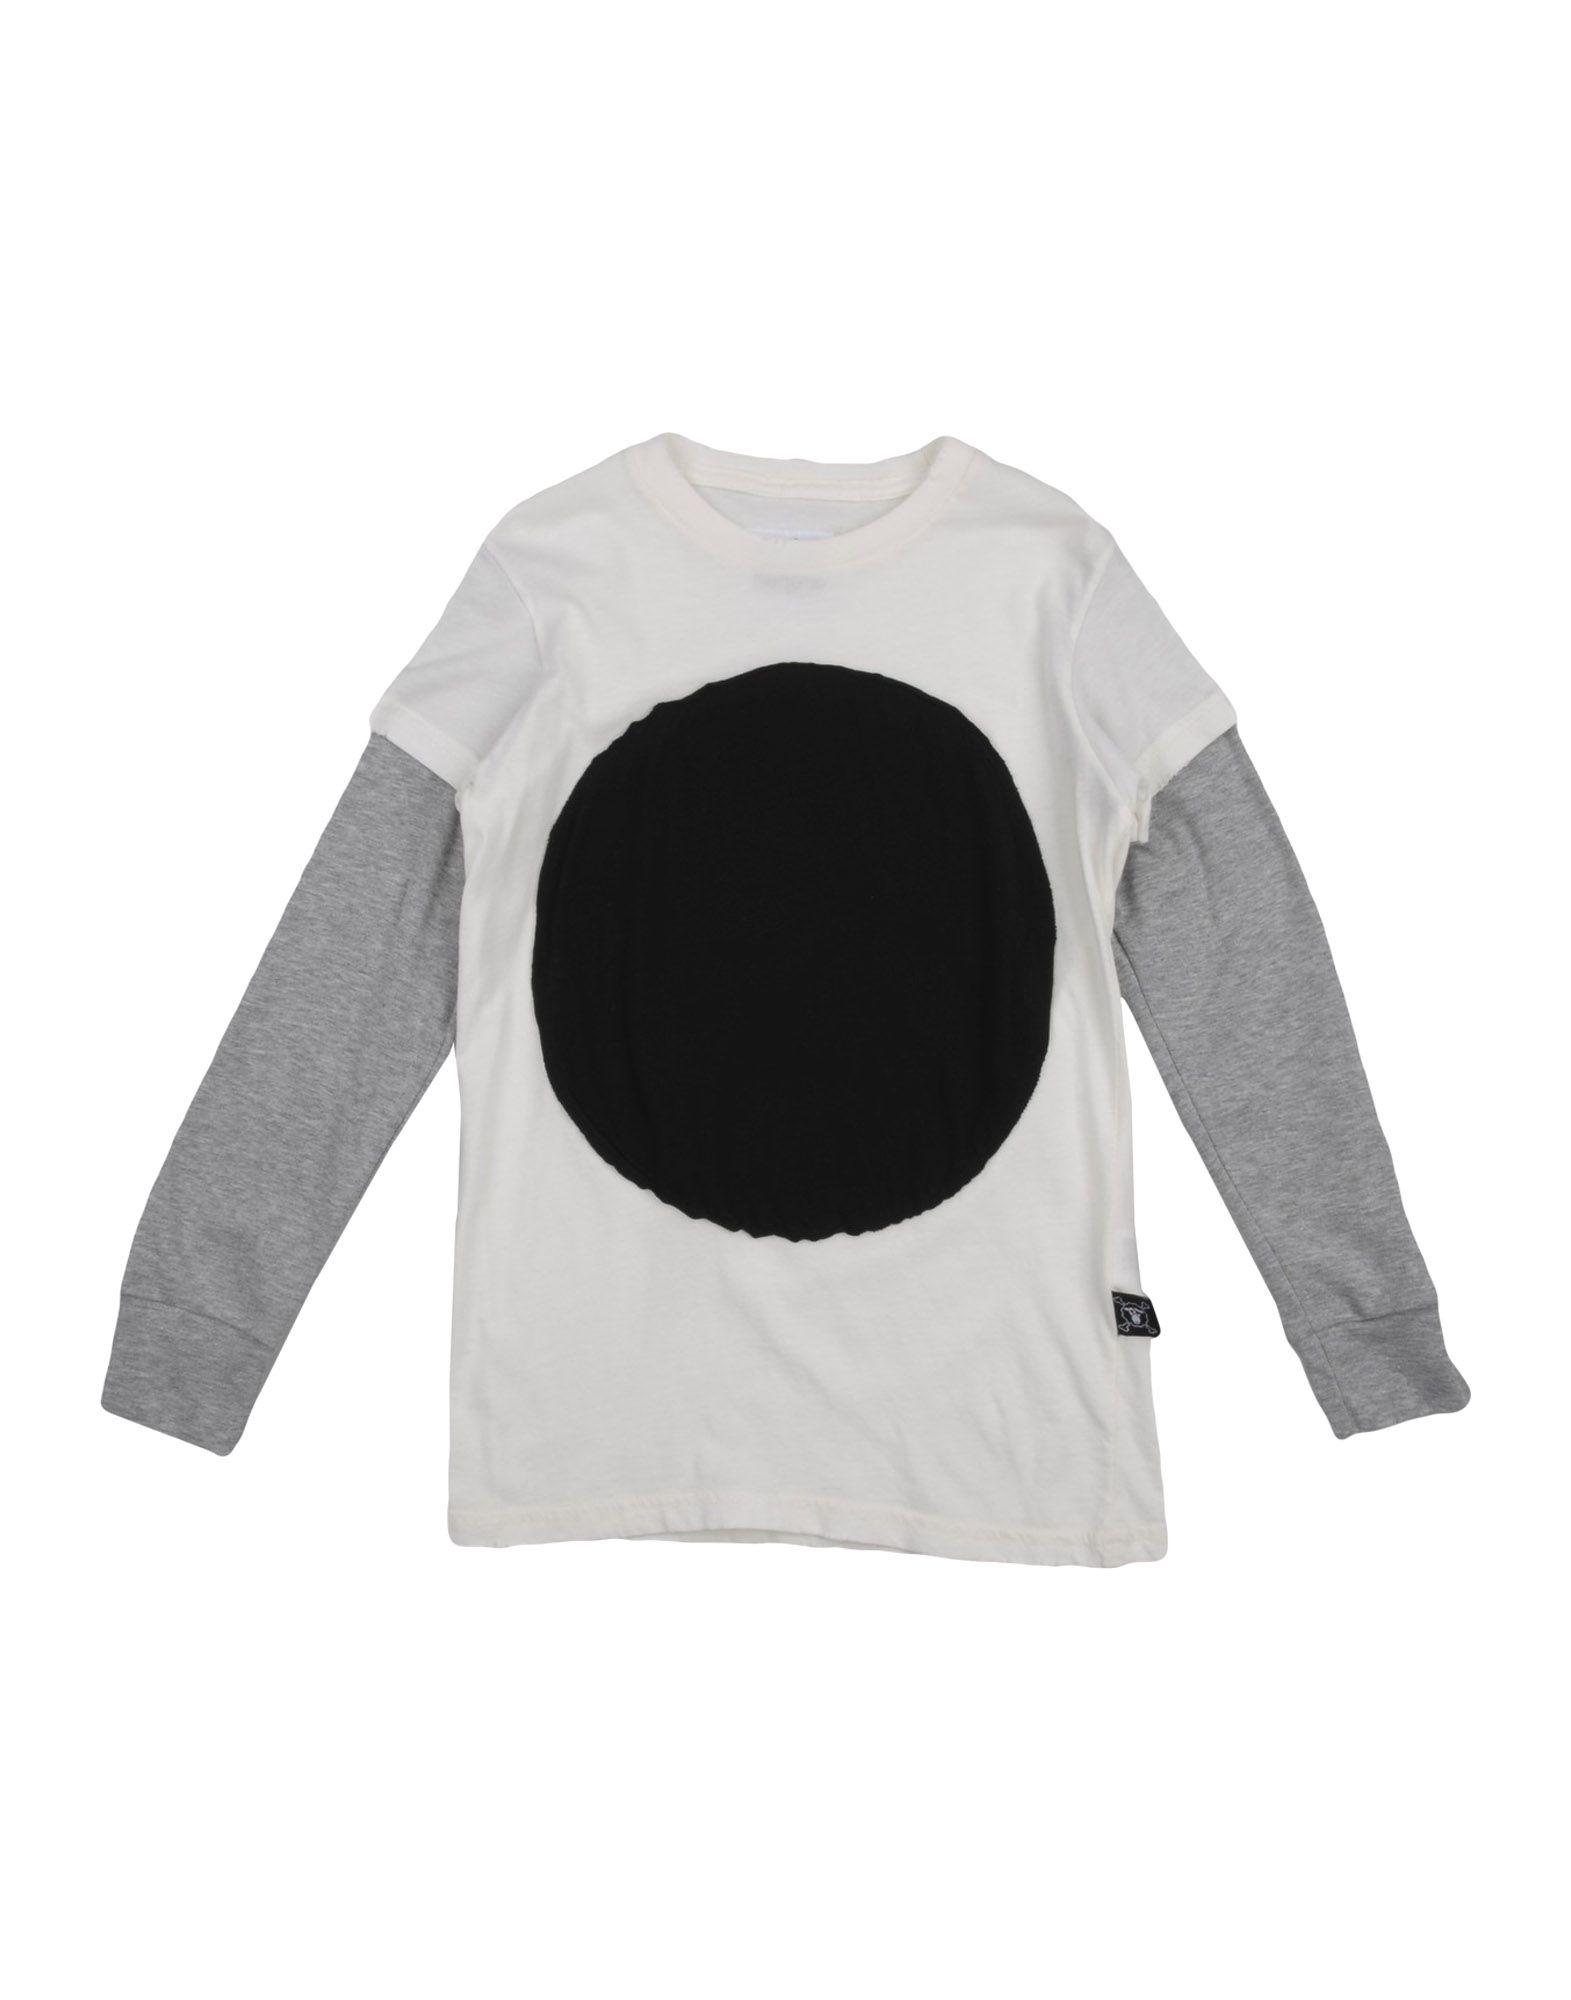 NUNUNU Mädchen 3-8 jahre T-shirts Farbe Weiß Größe 4